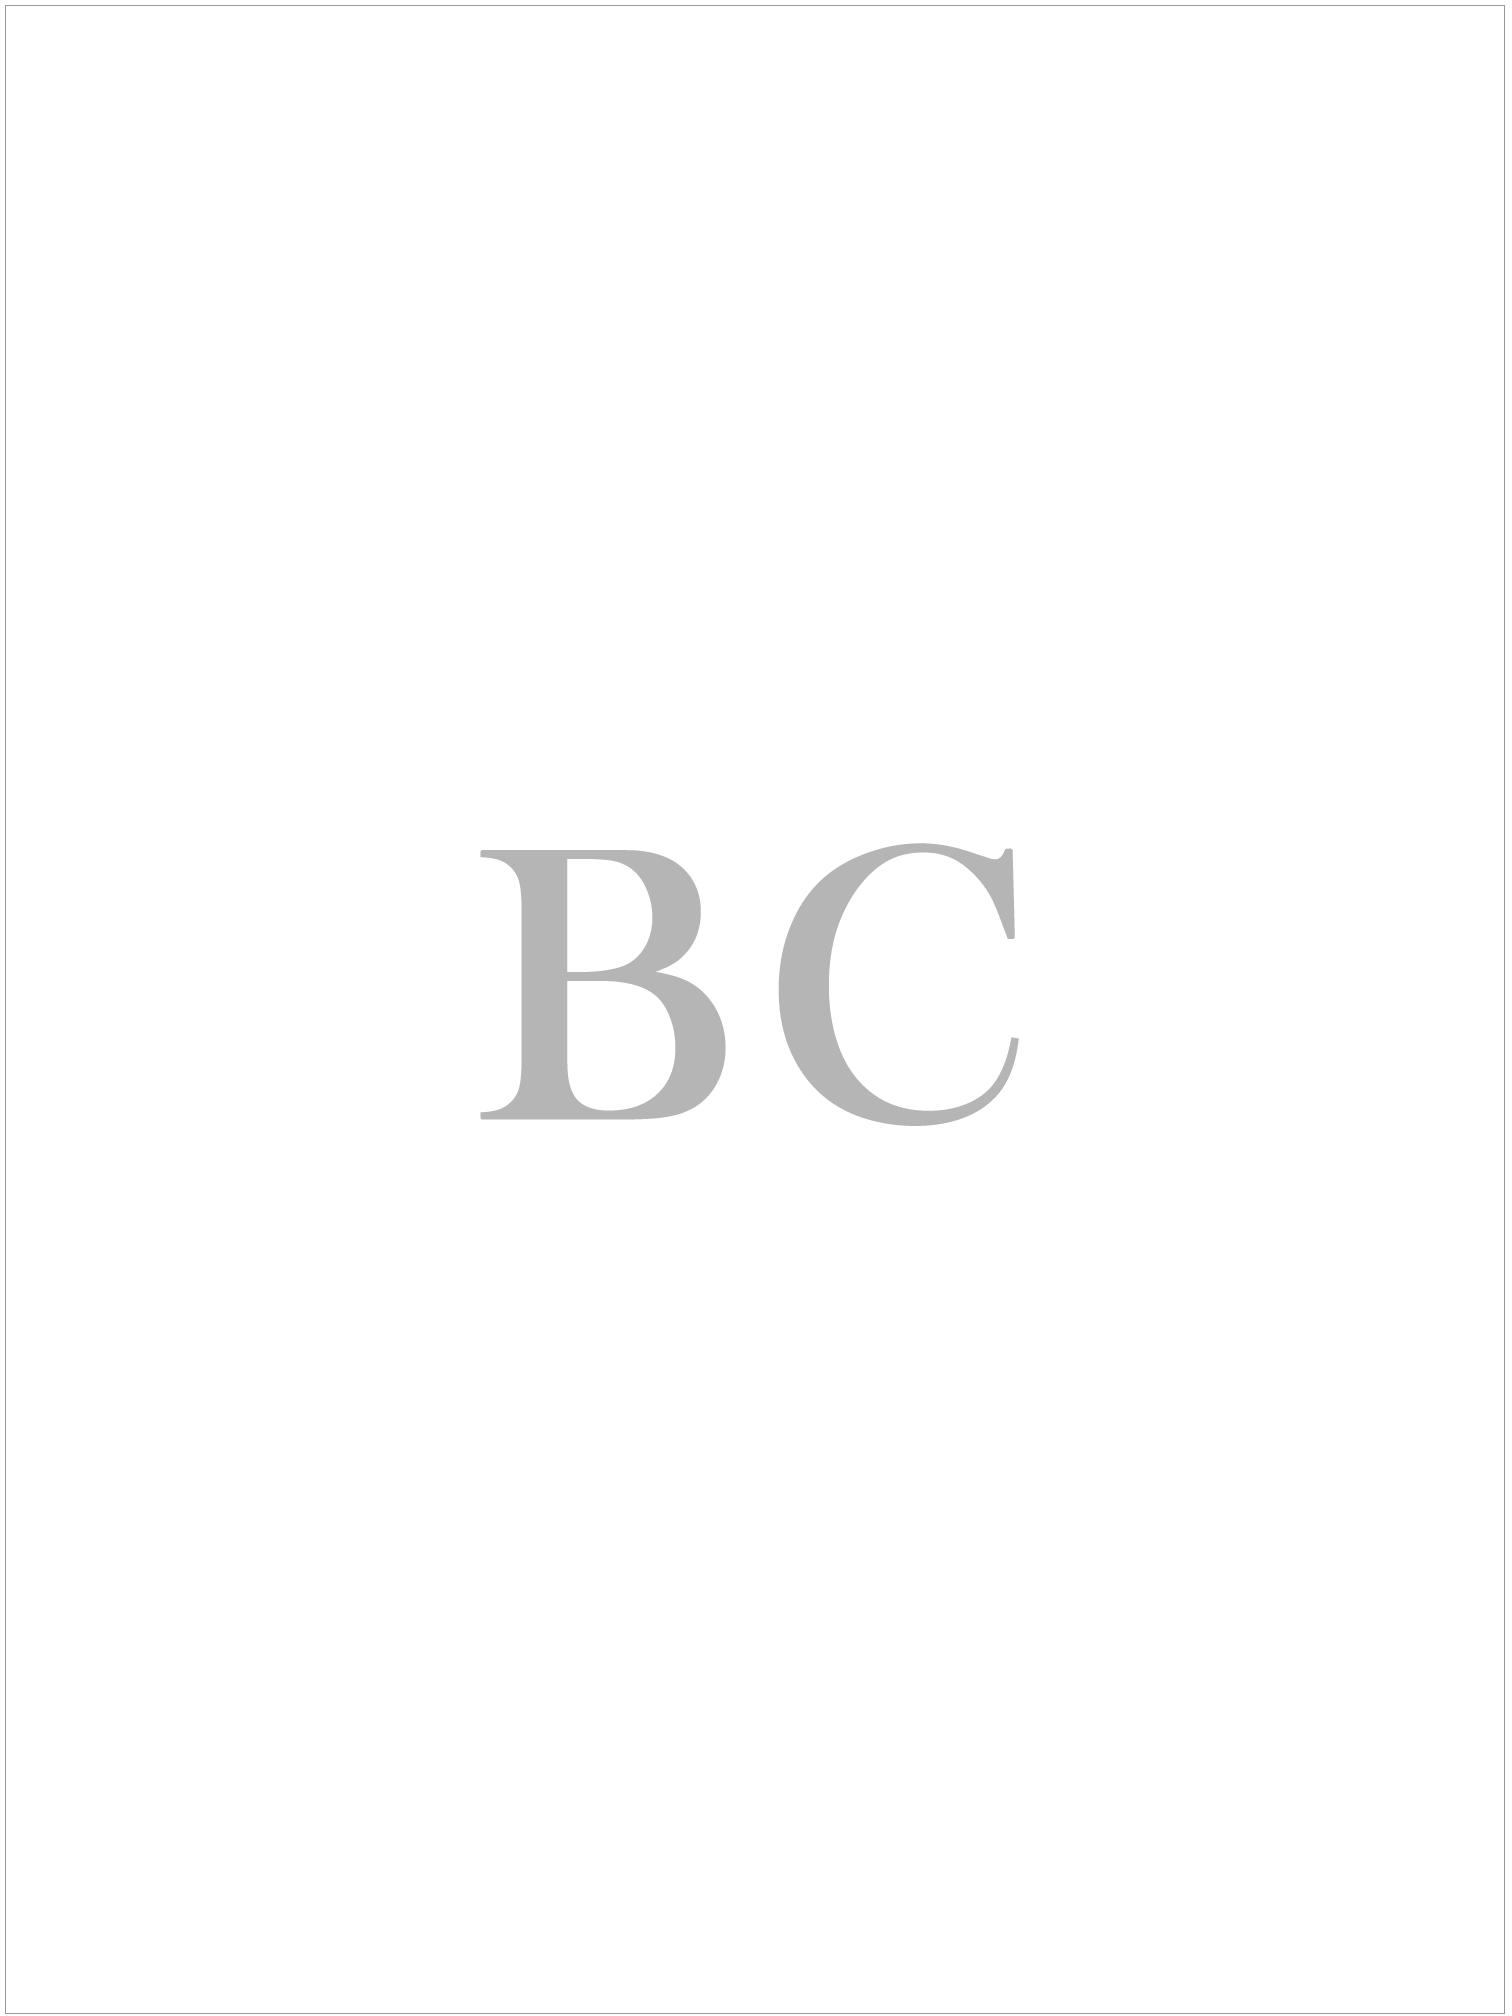 Becki-placeholder